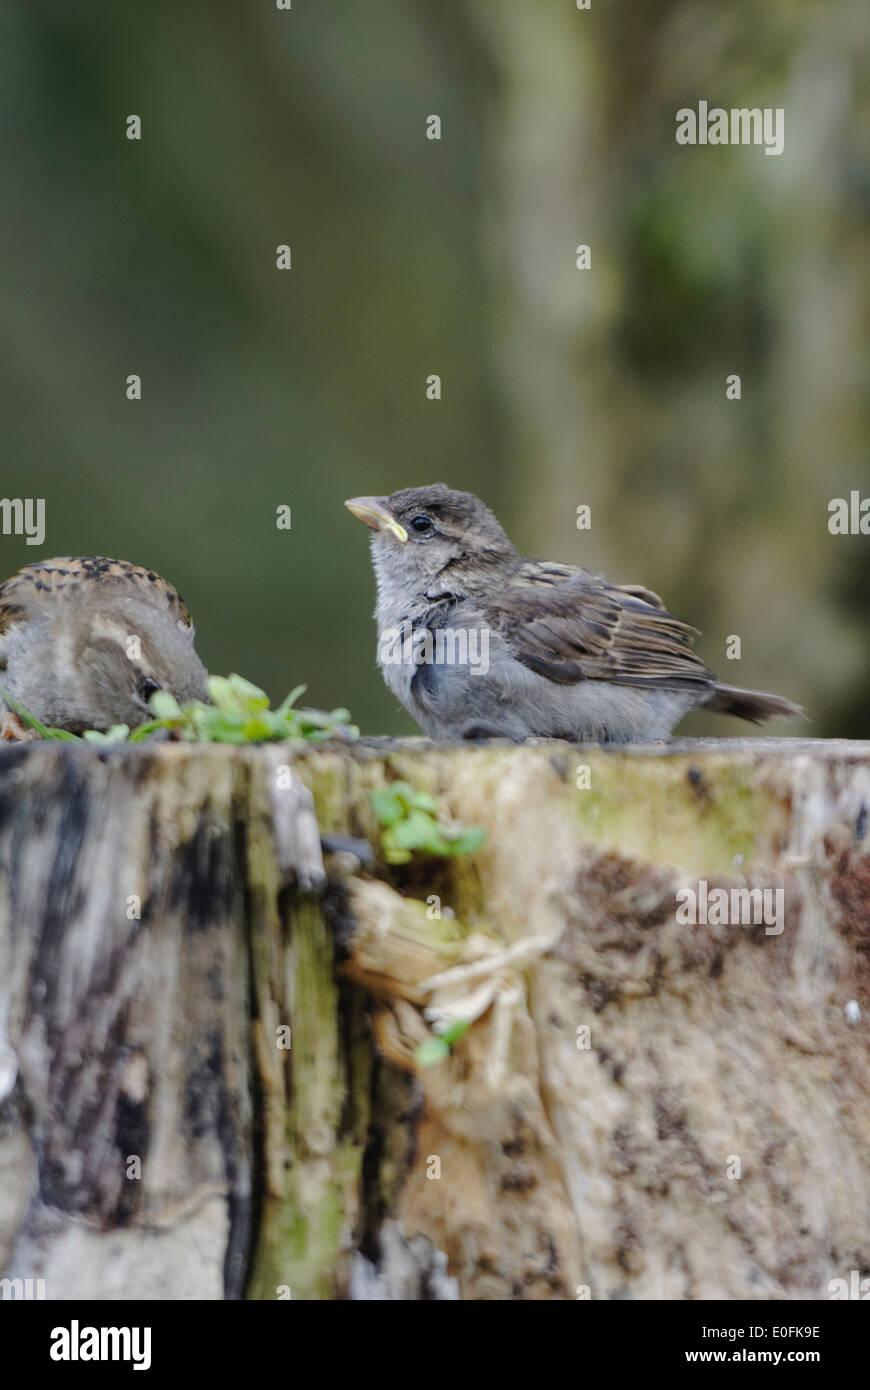 Garten Vögel in Wales: Spatz ernährt ihr junge und anspruchsvolle junge von Essen fanden auf einem Baumstumpf Stockfoto